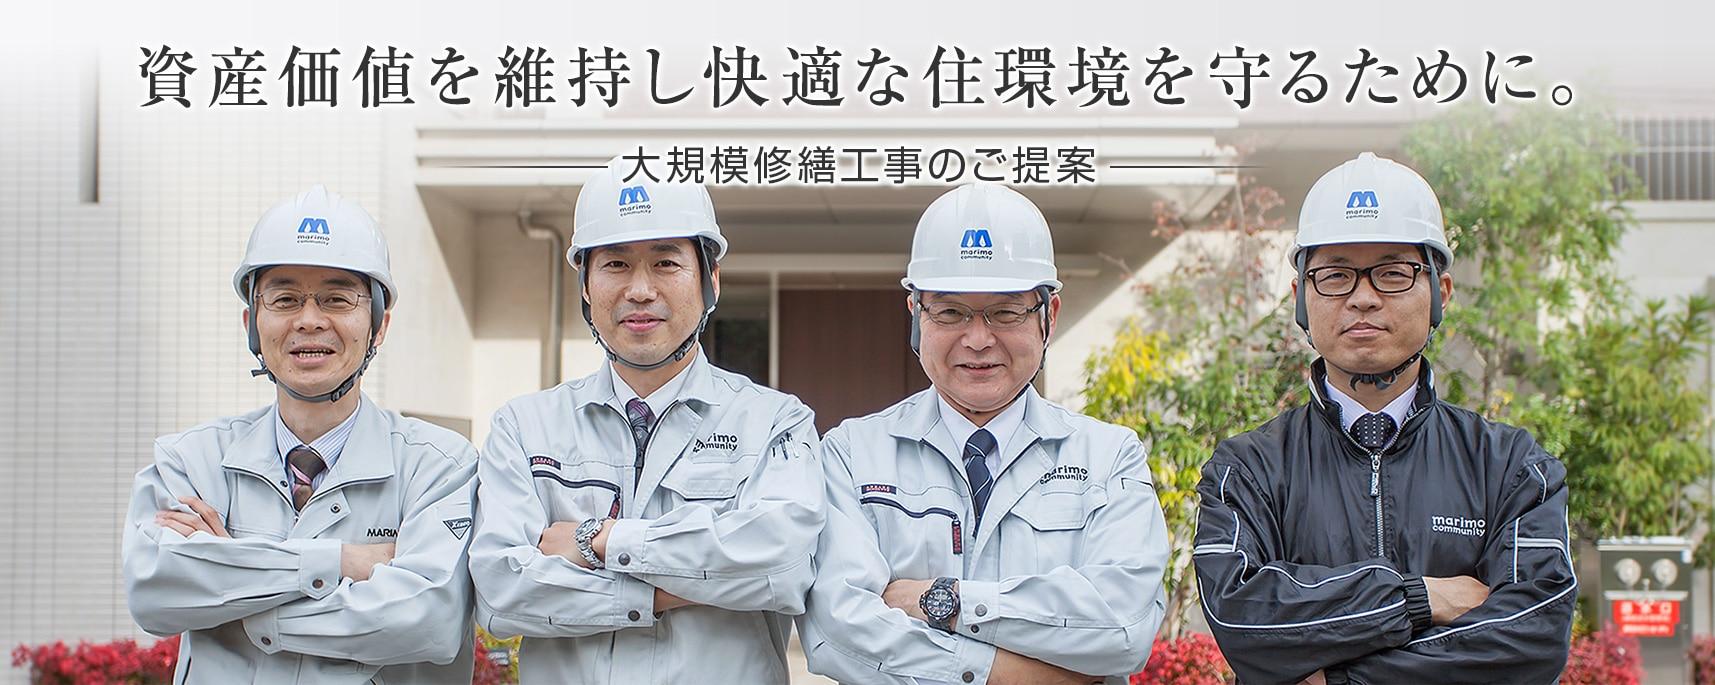 「調査力」「提案力」「管理能力」を最大限に活かしたスムーズな大規模修繕工事をご提案します。